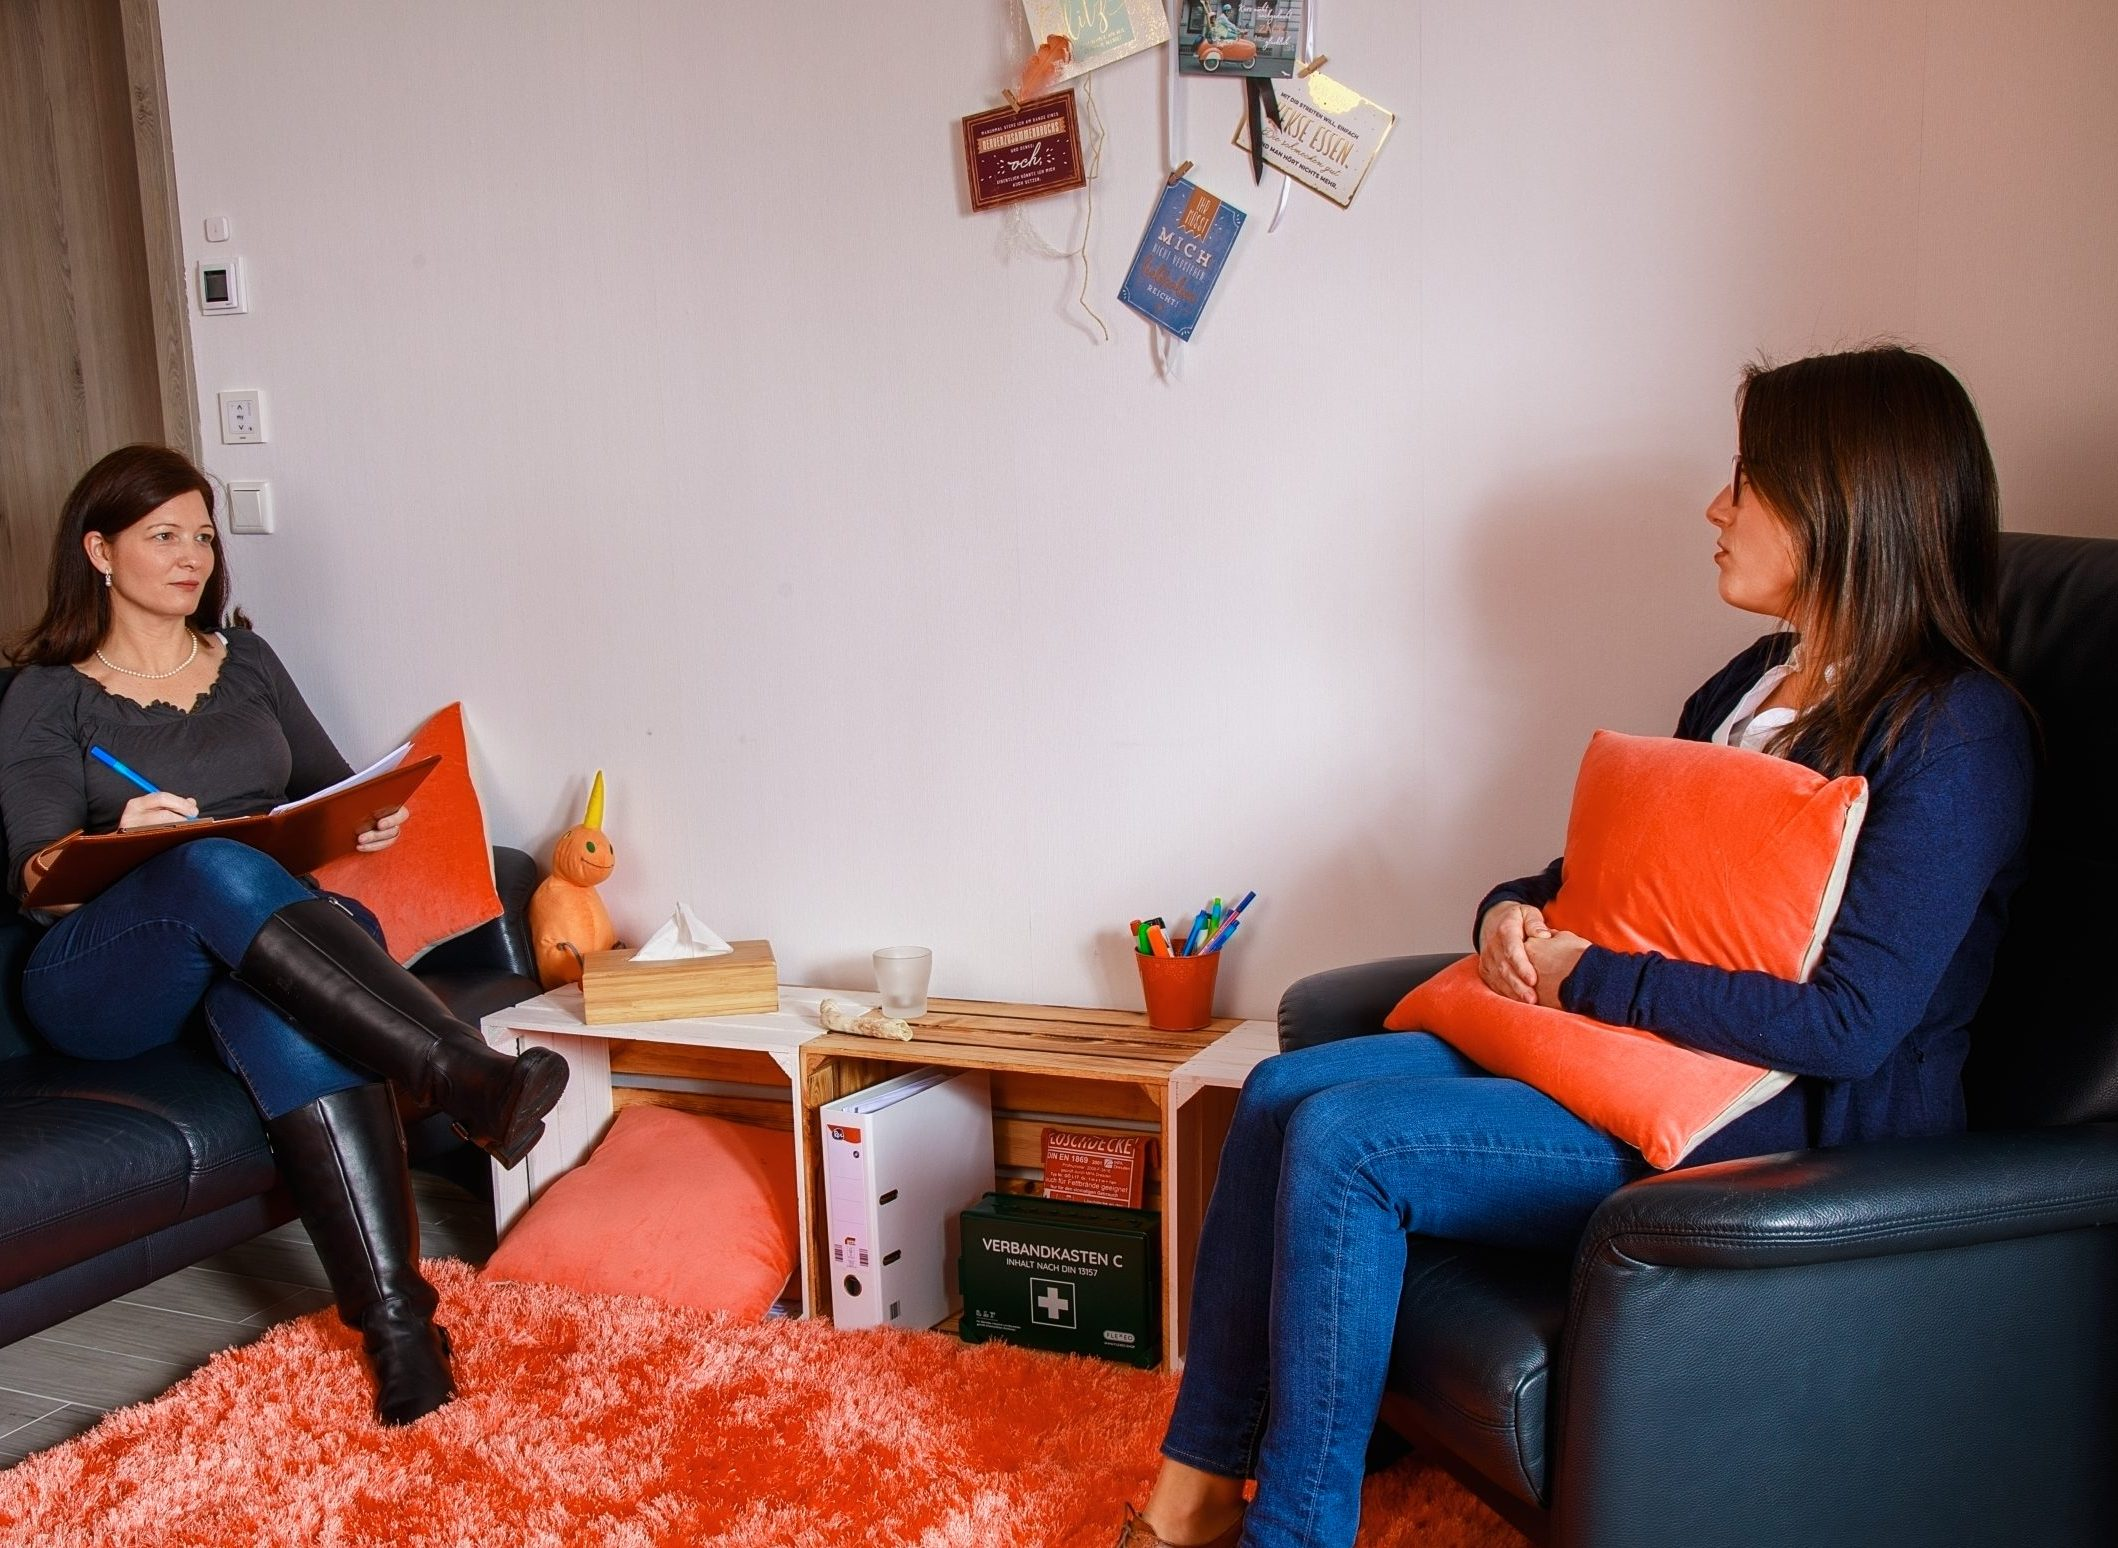 Einblick in die Psychotherapeutische Praxis nach dem Heilpraktikergesetz in Steinfurth